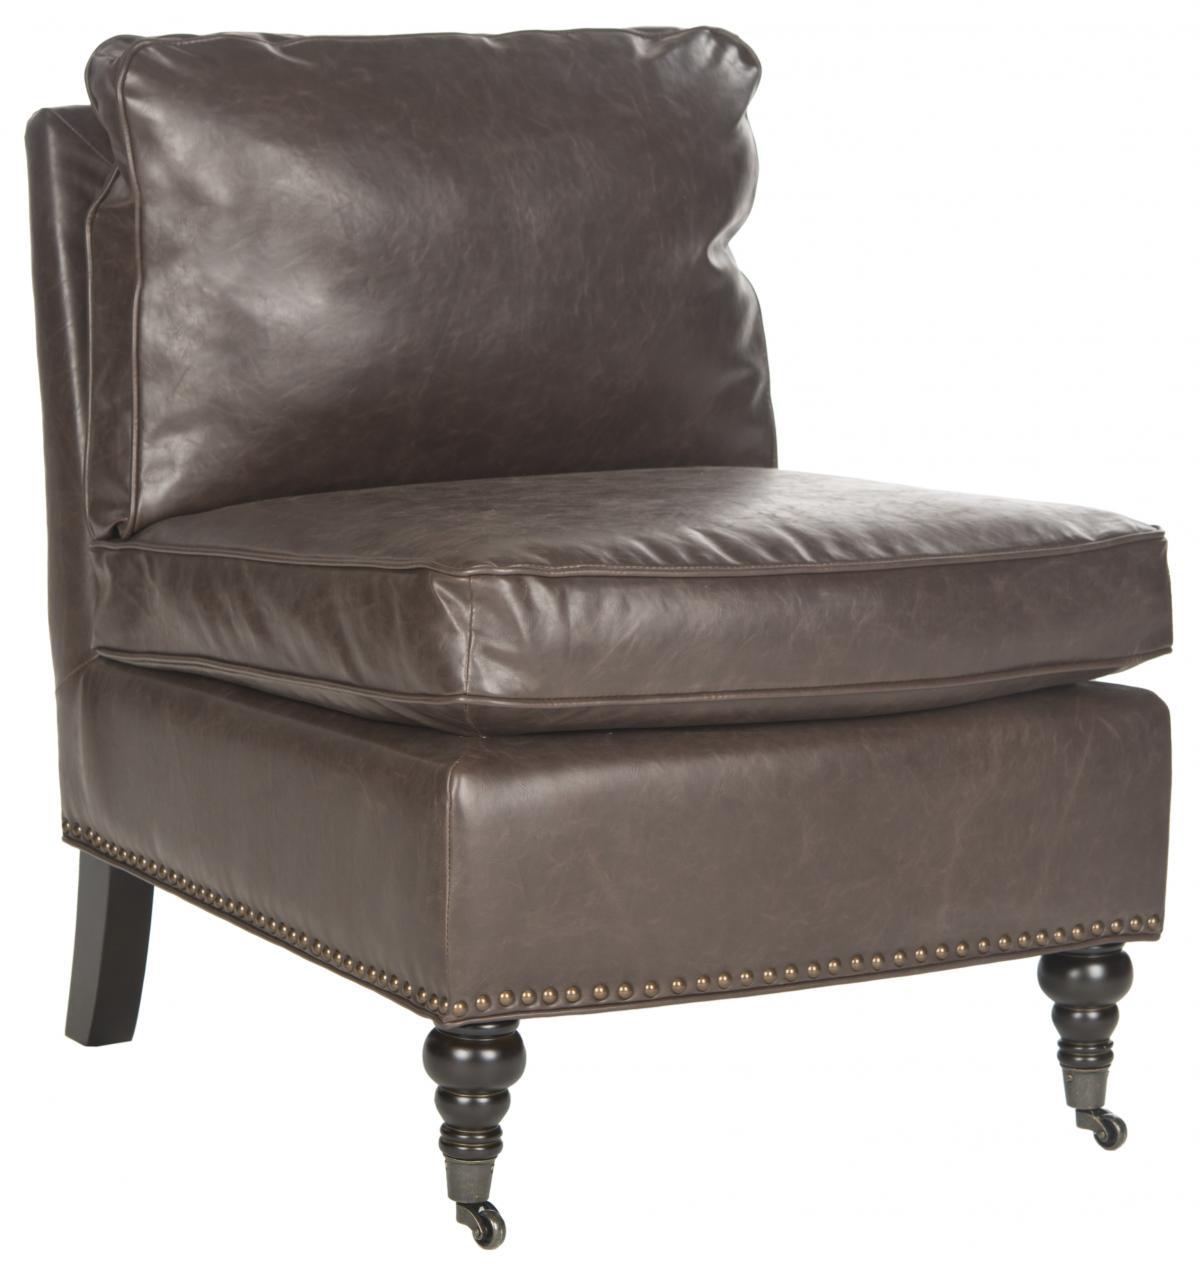 Safavieh - MCR4584H RANDY SLIPPER CHAIR - ANTIQUE BROWN - Safavieh - MCR4584H RANDY SLIPPER CHAIR - ANTIQUE BROWN $1,071.00